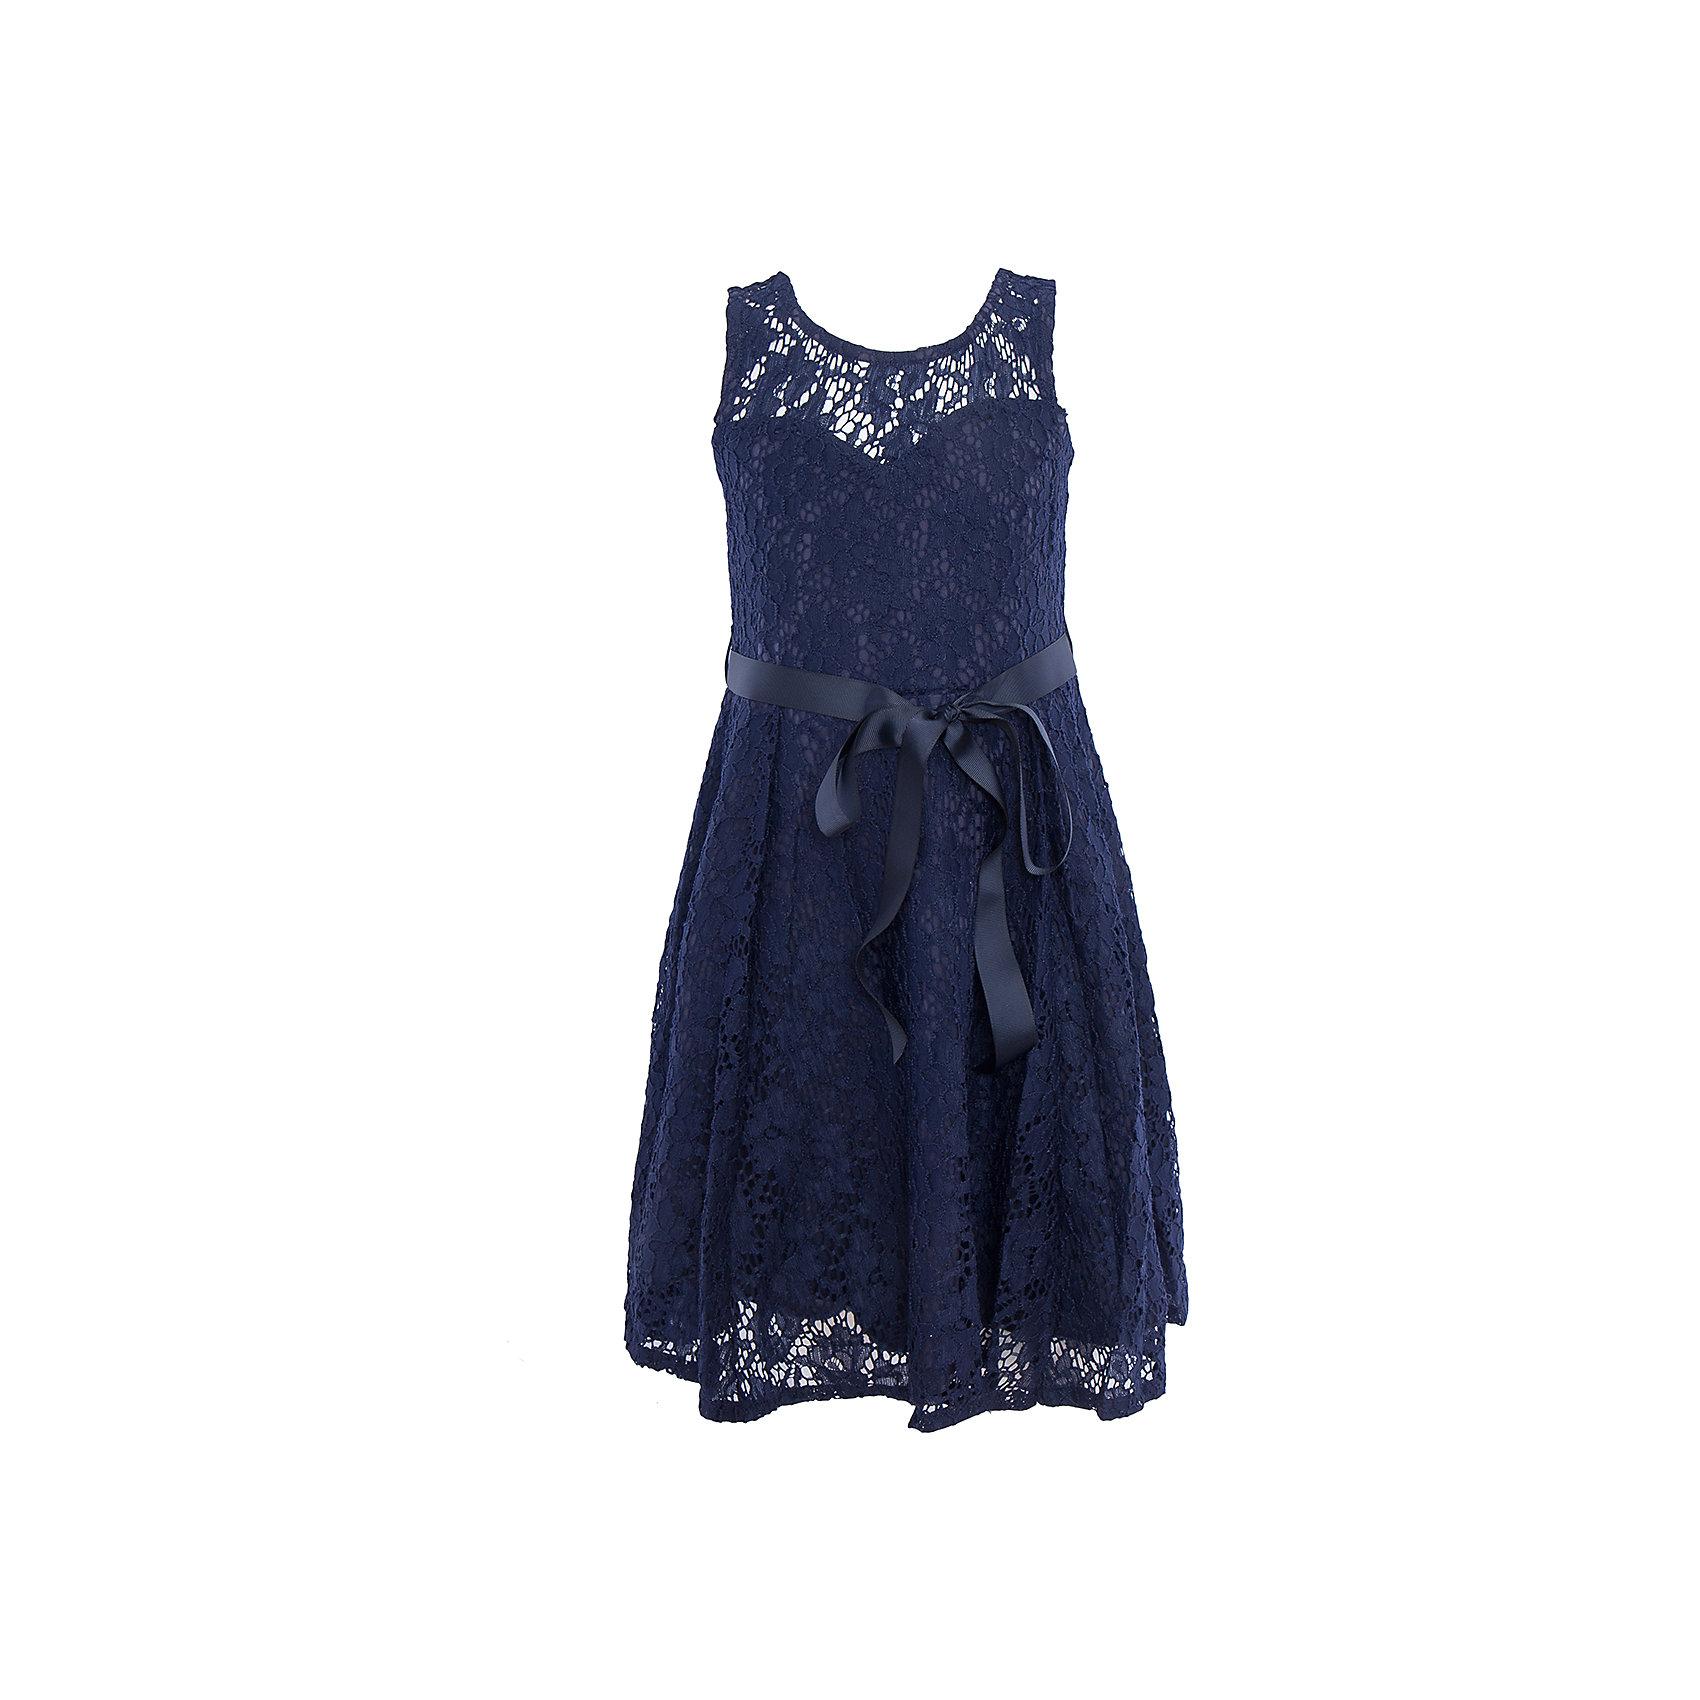 Нарядное платье для девочки LuminosoХарактеристики:<br><br>• Вид одежды: платье<br>• Предназначение: для праздника, торжеств<br>• Сезон: круглый год<br>• Материал: верх – 90% полиэстер, 10% эластан; подкладка – 95% хлопок, 5% эластан<br>• Цвет: темно-синий<br>• Силуэт: классический, прямой<br>• Длина: миди<br>• Вырез горловины: круглый<br>• Застежка: молния на спинке<br>• Особенности ухода: ручная стирка без применения отбеливающих средств, глажение при низкой температуре <br><br>Luminoso – это коллекция от известного производителя Sweet Berry, который сочетает в своей одежде функциональность, качество, стиль и следование современным мировым тенденциям в текстильной индустрии для подростков. <br>Кружевное платье для девочки от знаменитого производителя детской одежды Sweet Berry выполнено из полиэстера с хлопковым подкладка<br>ом. Изделие имеет классический прямой силуэт, полочку из кружева с фигурной подкладкой и застежку-молнию на спинке. Платье выполнено в темно-синем цвете, в комплекте предусмотрен репсовый пояс. Праздничное платье от Luminoso – это залог успеха вашего ребенка на любом торжестве!<br><br>Платье для девочки Luminoso можно купить в нашем интернет-магазине.<br><br>Ширина мм: 236<br>Глубина мм: 16<br>Высота мм: 184<br>Вес г: 177<br>Цвет: синий<br>Возраст от месяцев: 120<br>Возраст до месяцев: 132<br>Пол: Женский<br>Возраст: Детский<br>Размер: 146,140,134,164,158,152<br>SKU: 5052042